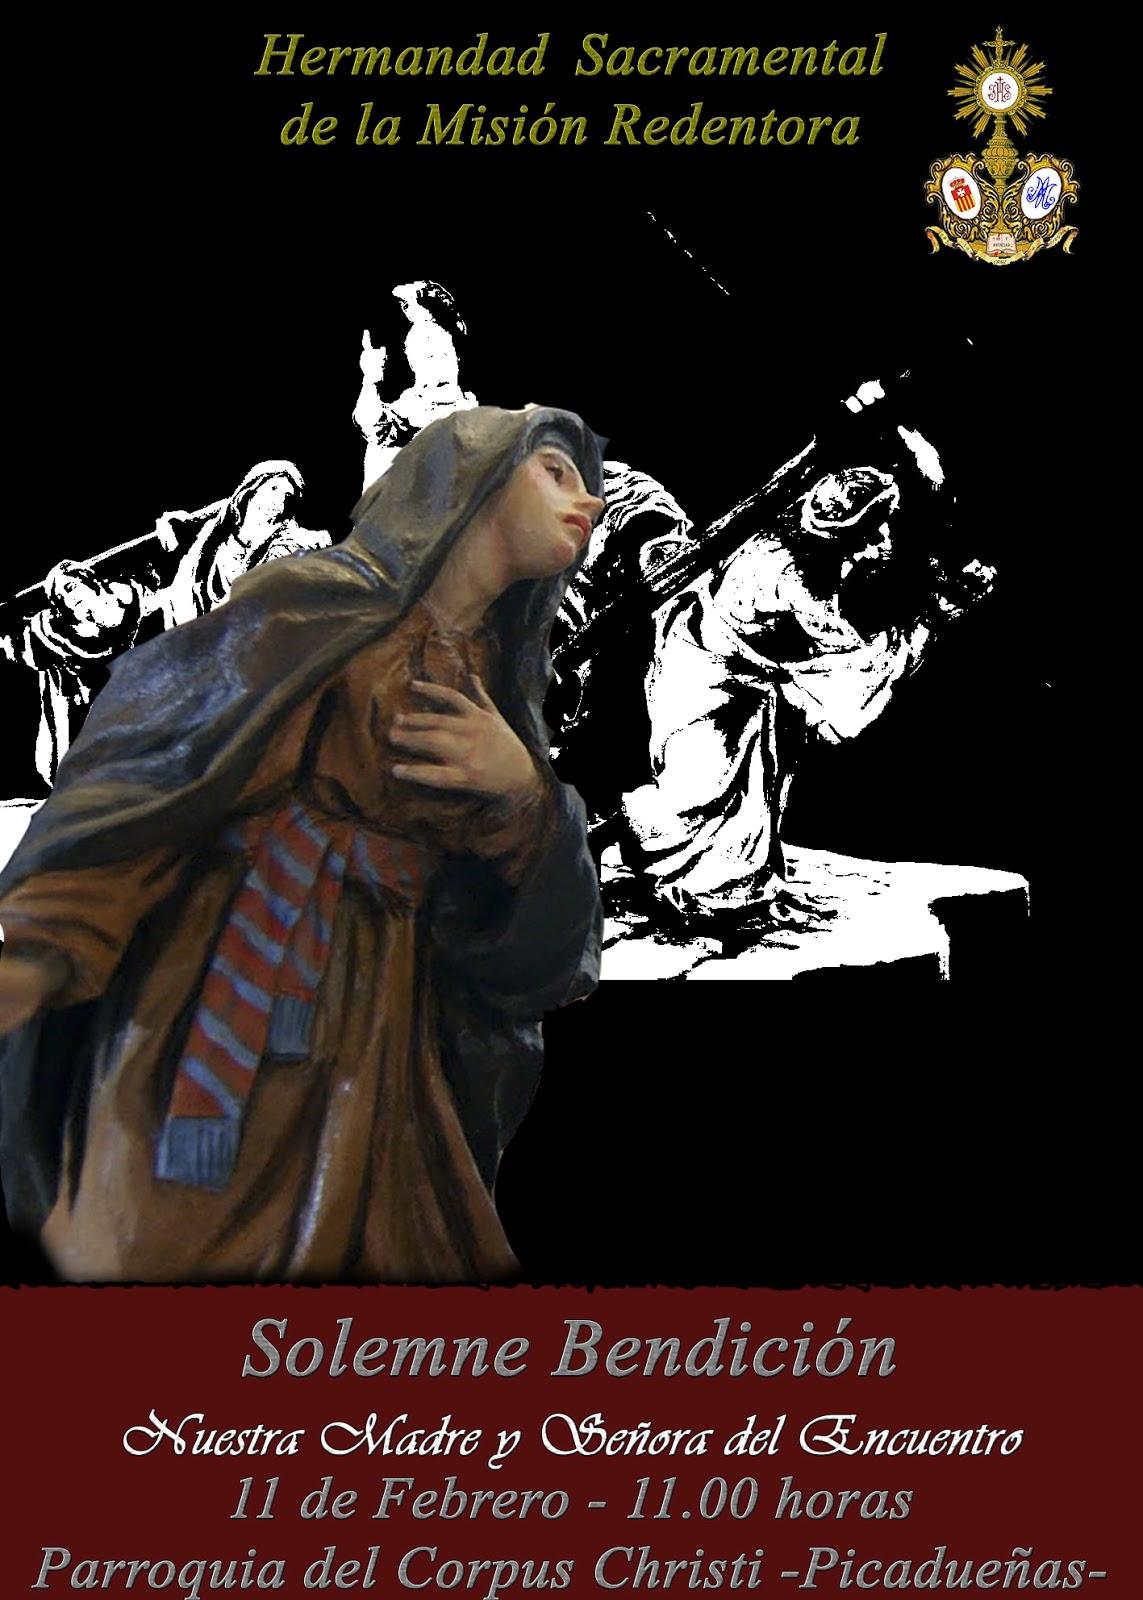 El once de febrero se bendecirá la Virgen del Encuentro